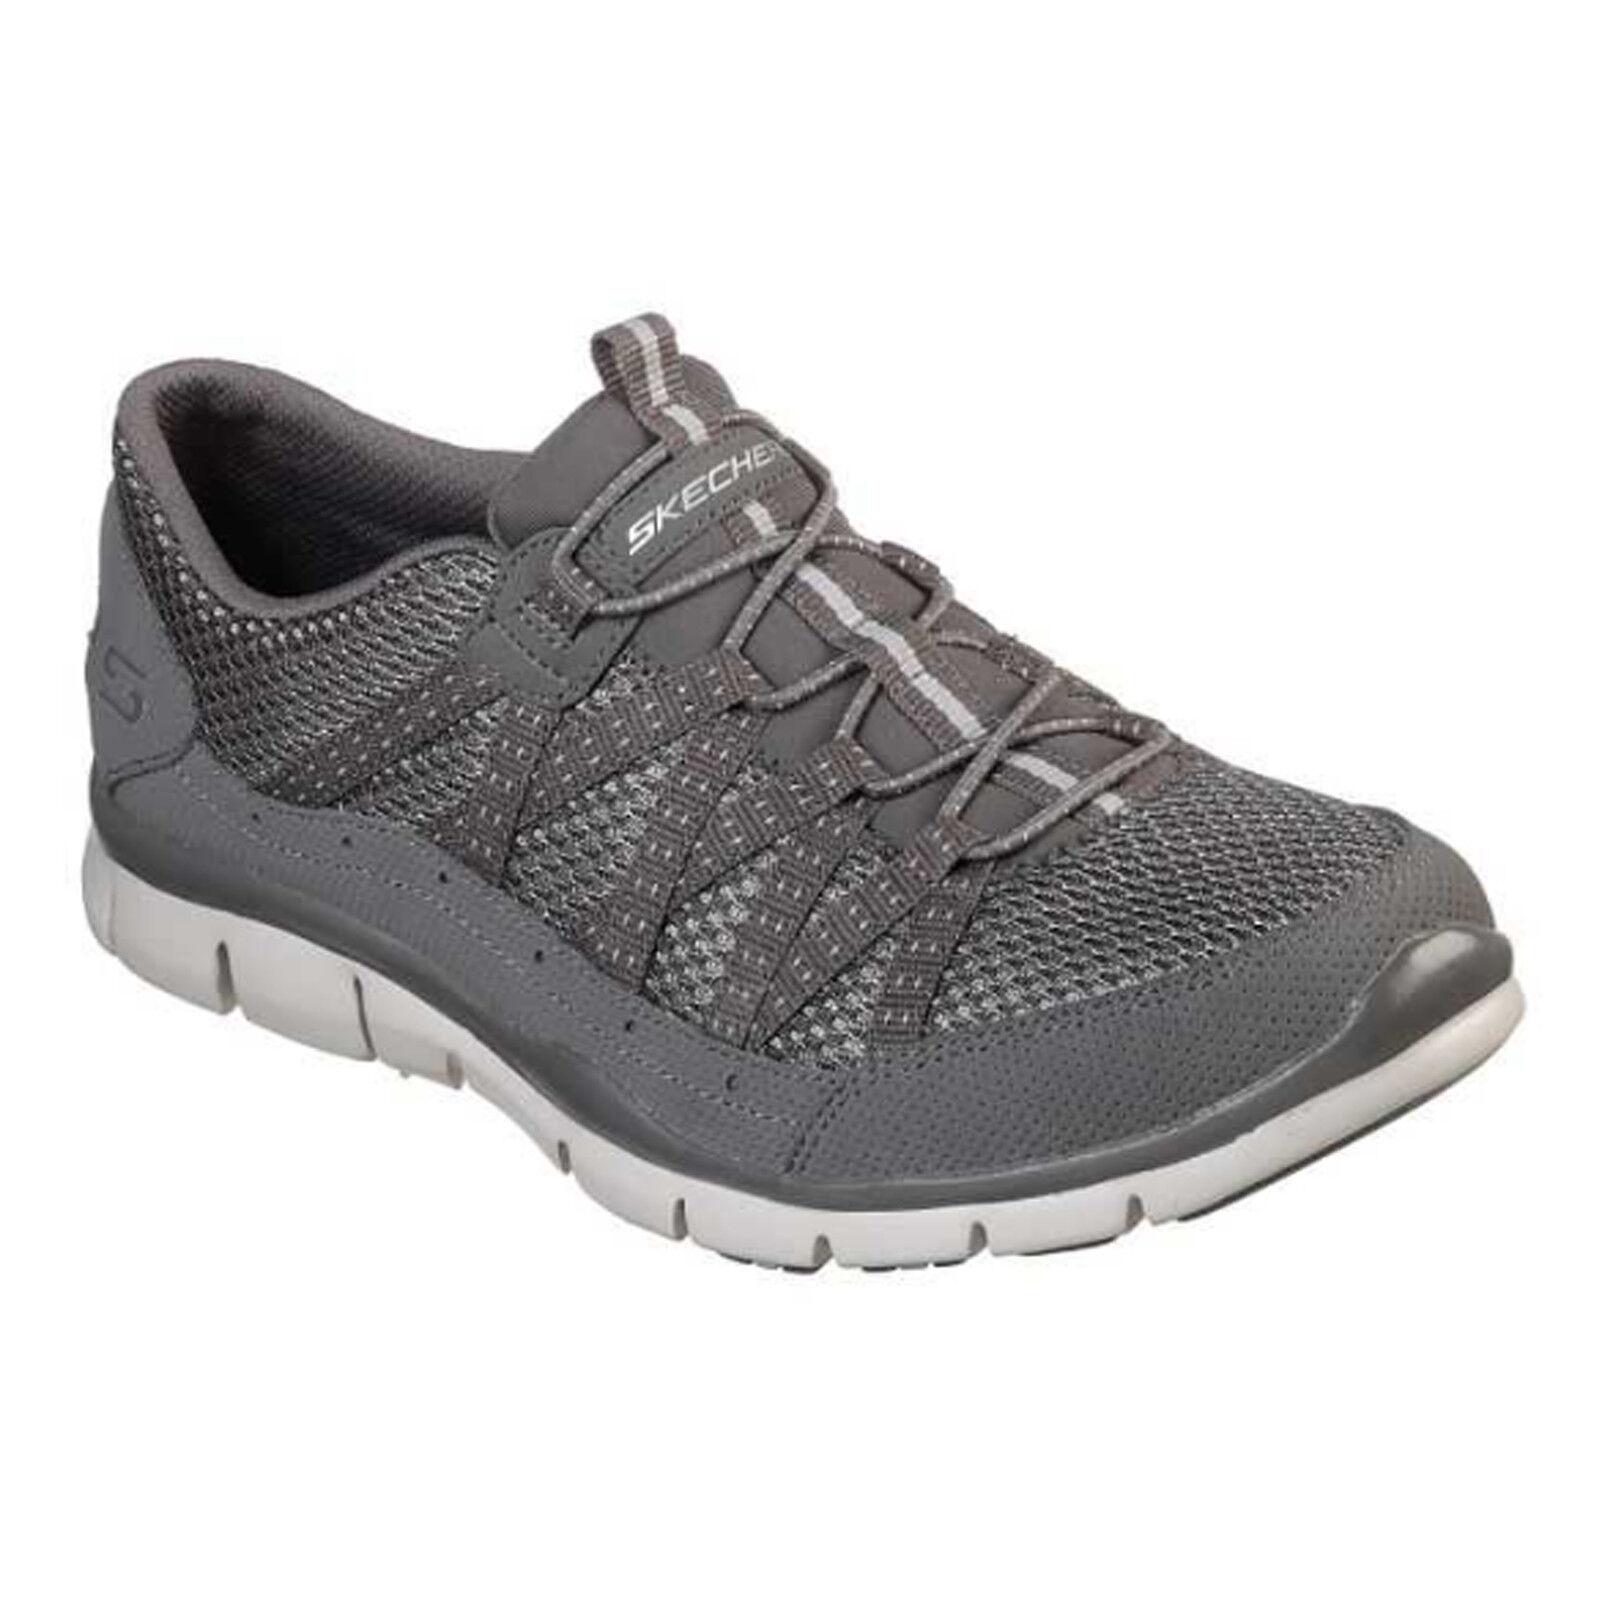 Skechers Gratis-paseando Entrenadores  Zapatos Imitación Cuero Elástico para Mujer 22823  Descuento del 70% barato